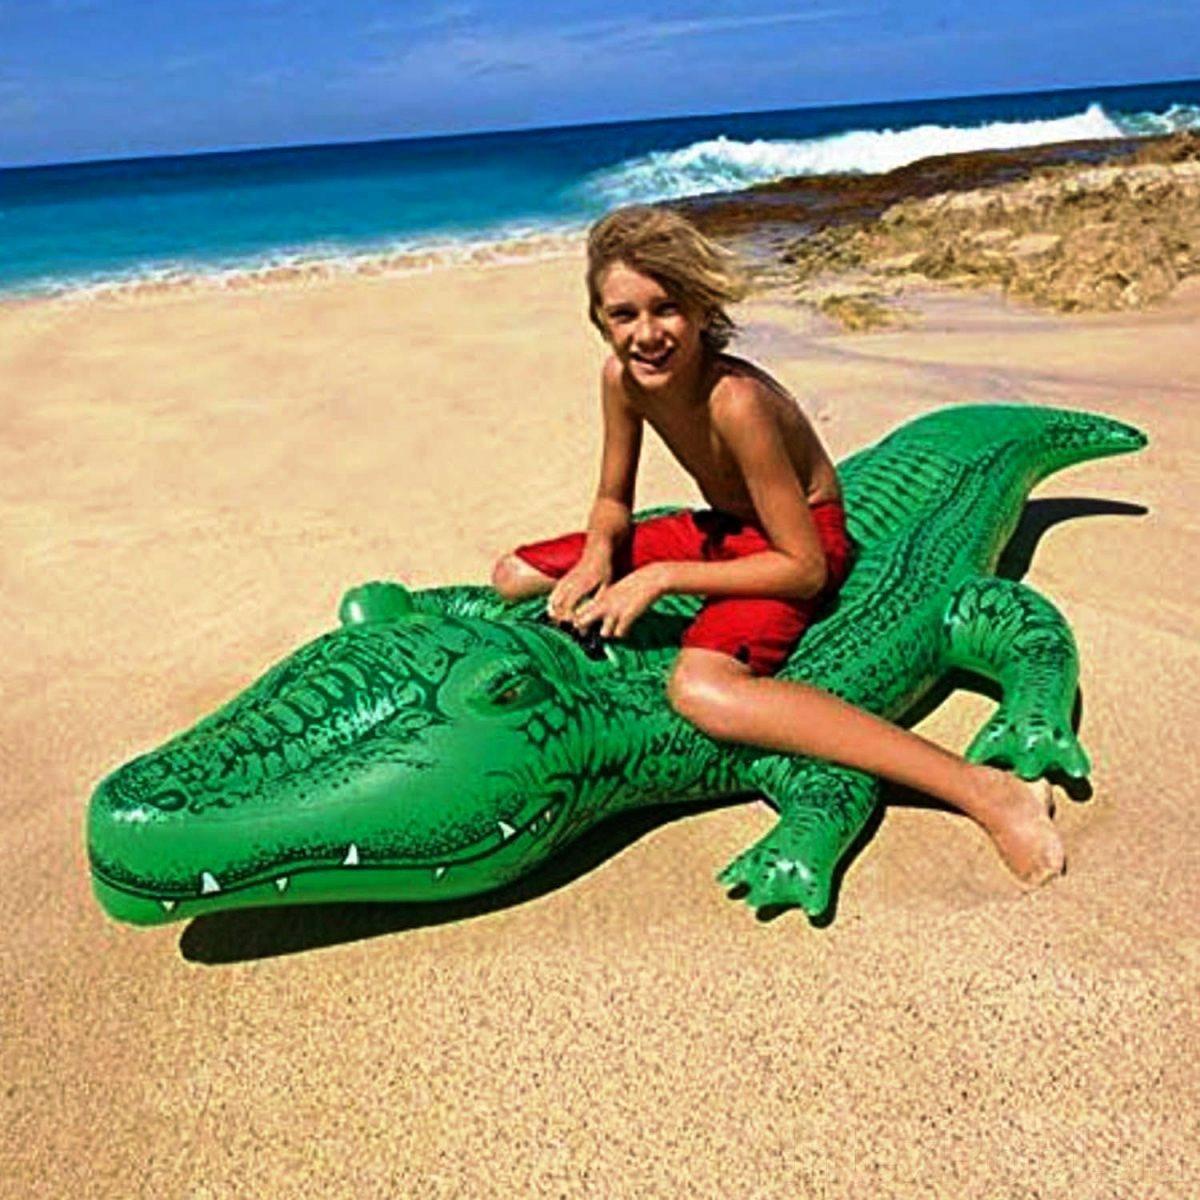 Детский надувной плотик для катания Intex 58546 Крокодил 168 х 86 см